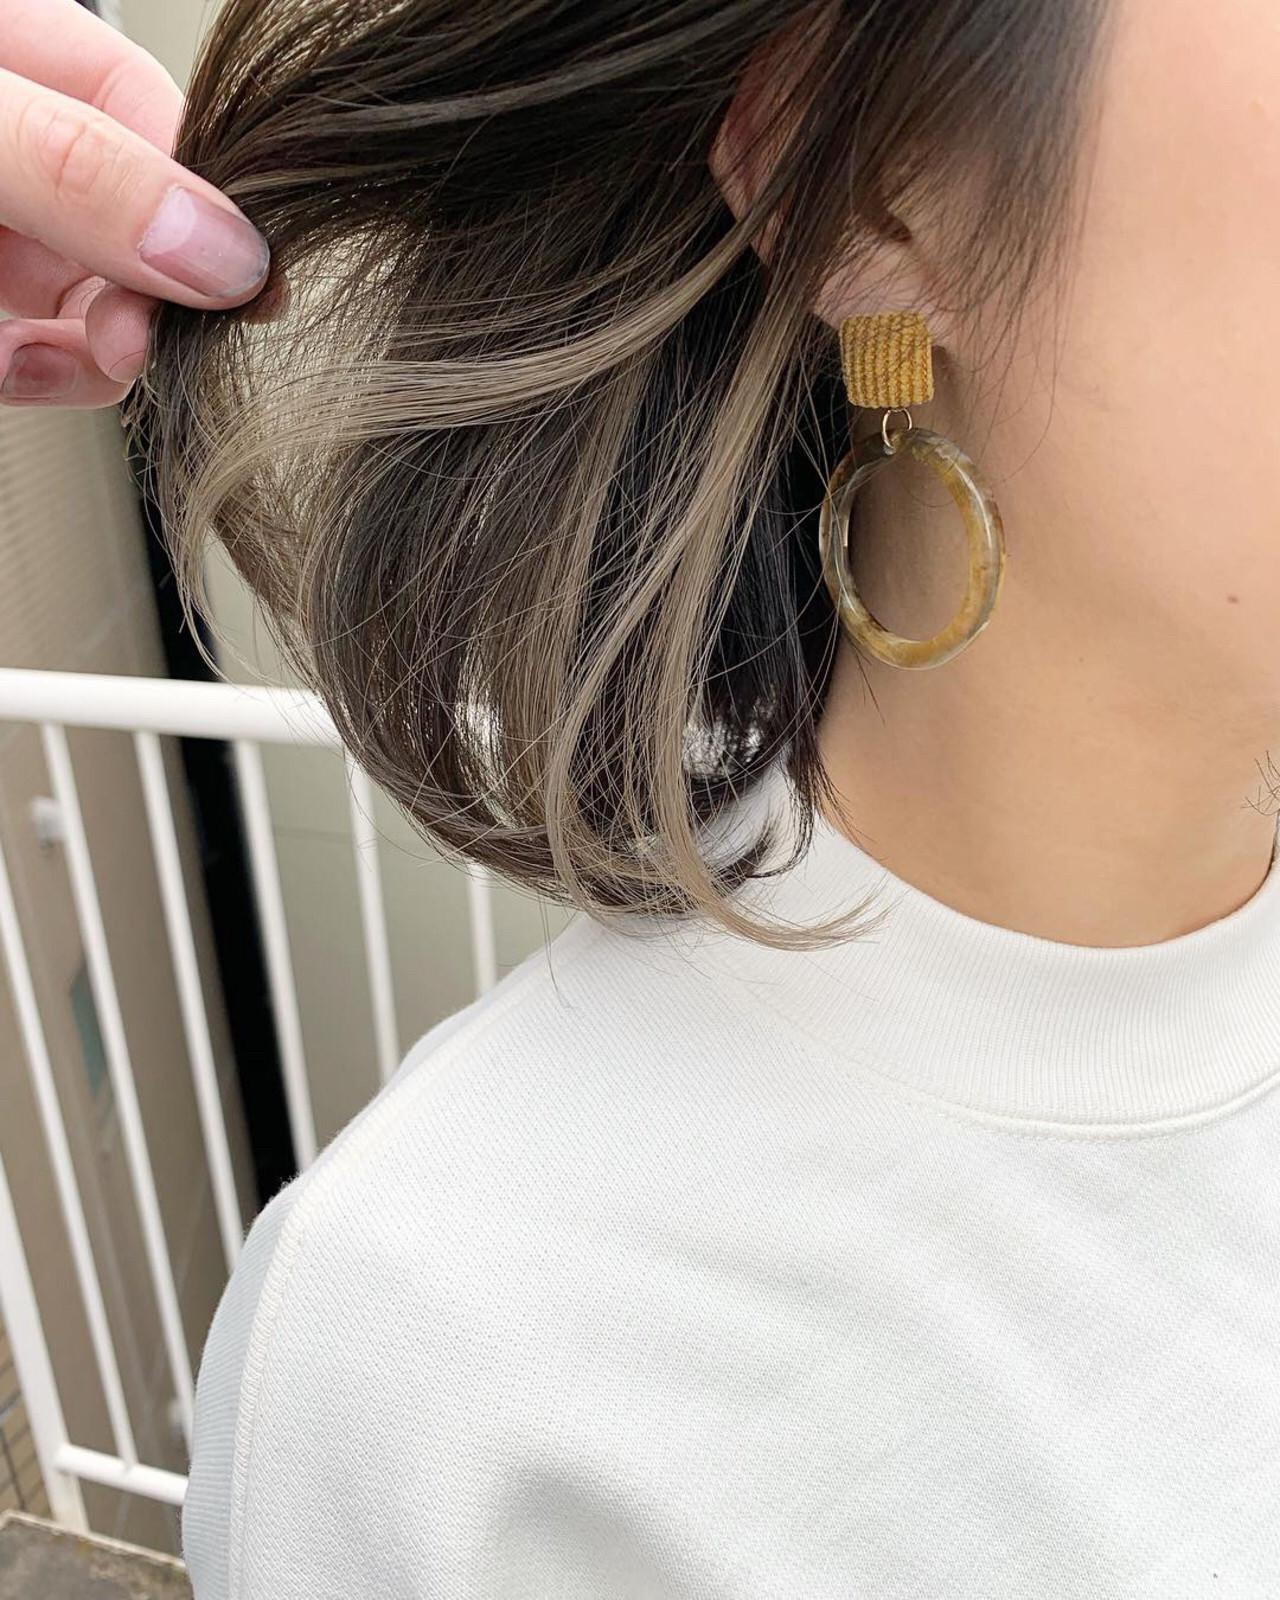 【画像】女の子のこういう髪型ってどう思う?